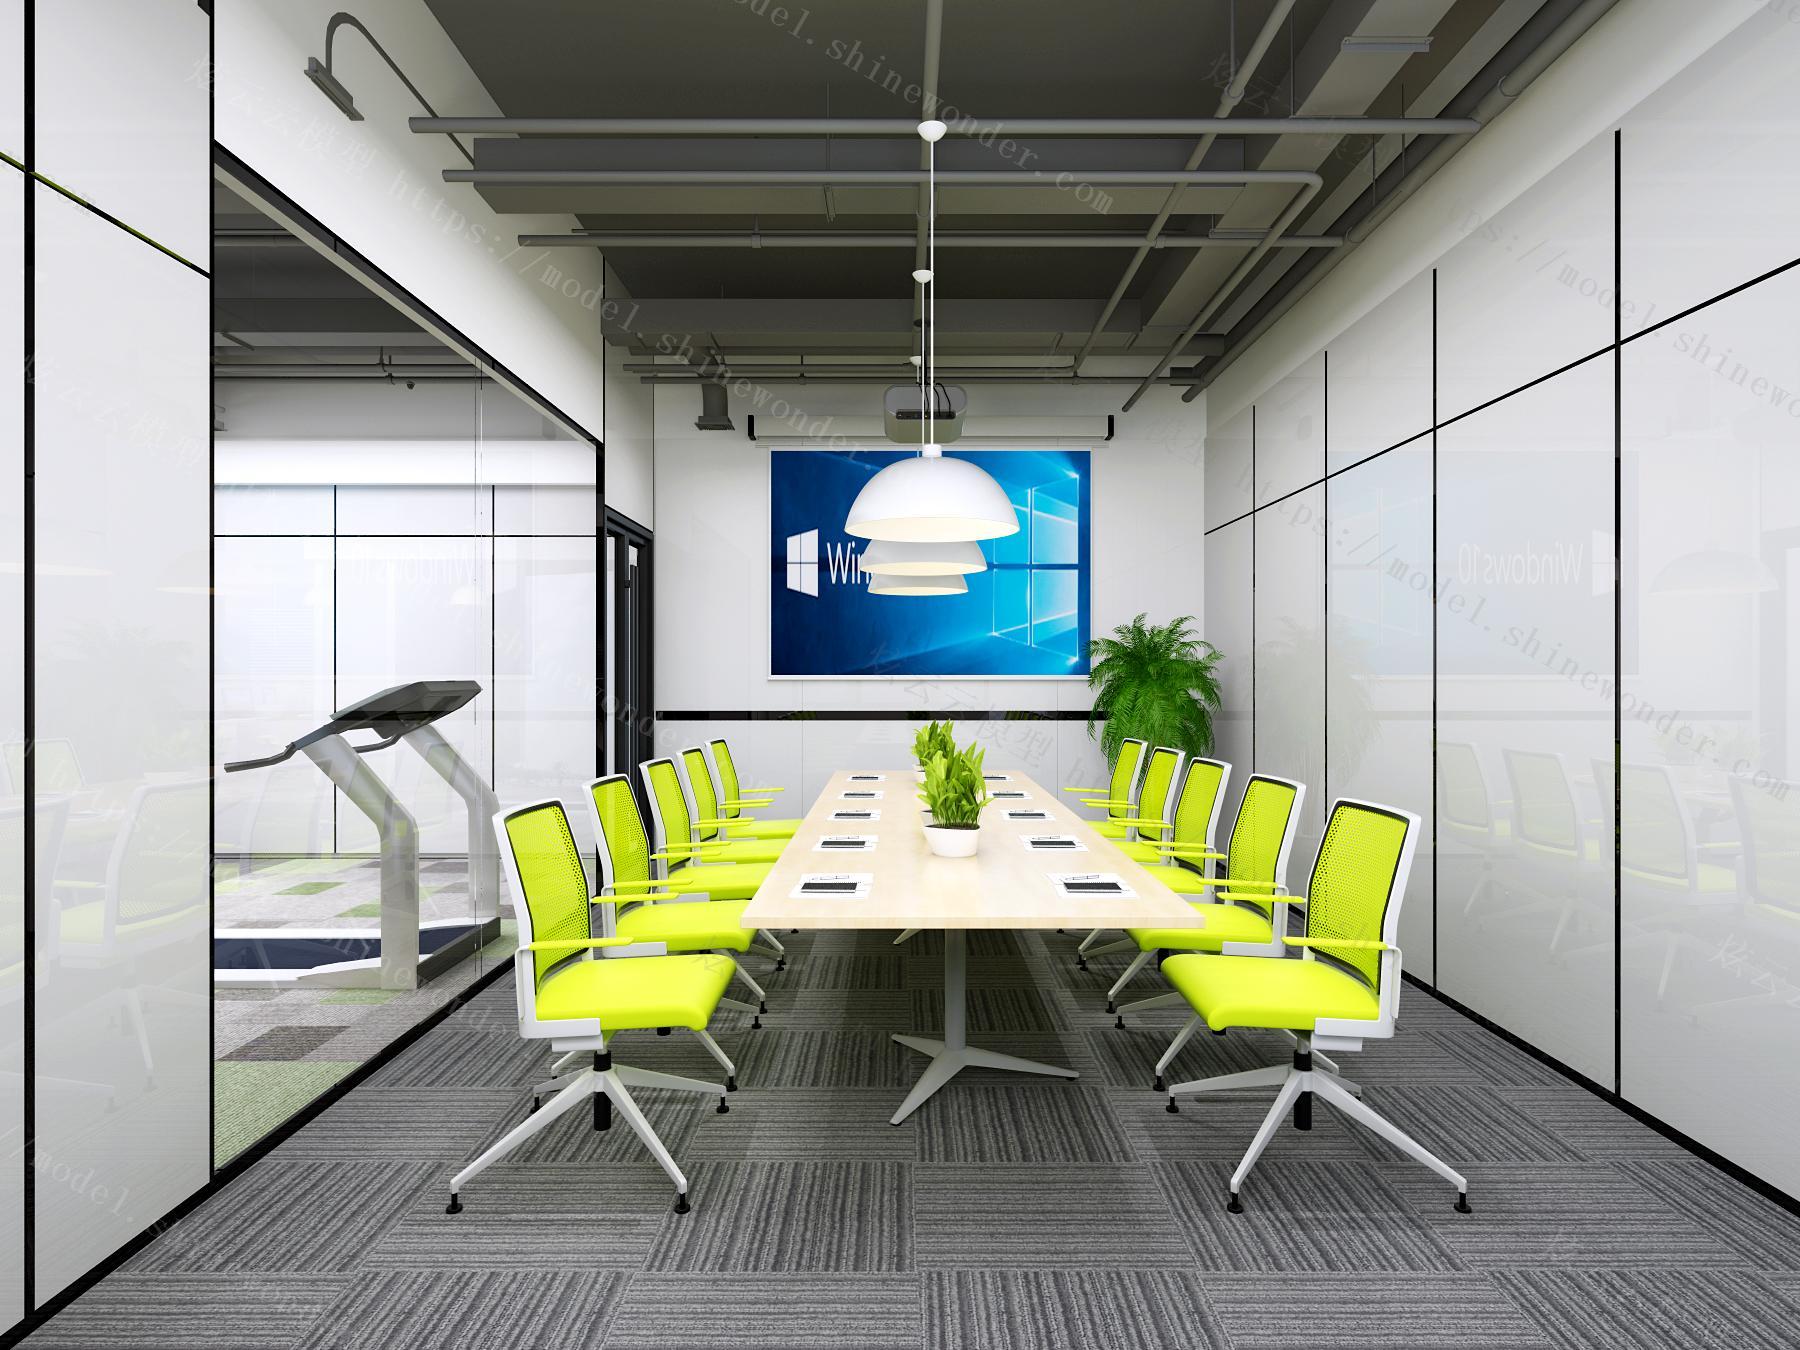 现代办公前台会议室总经理办公室模型